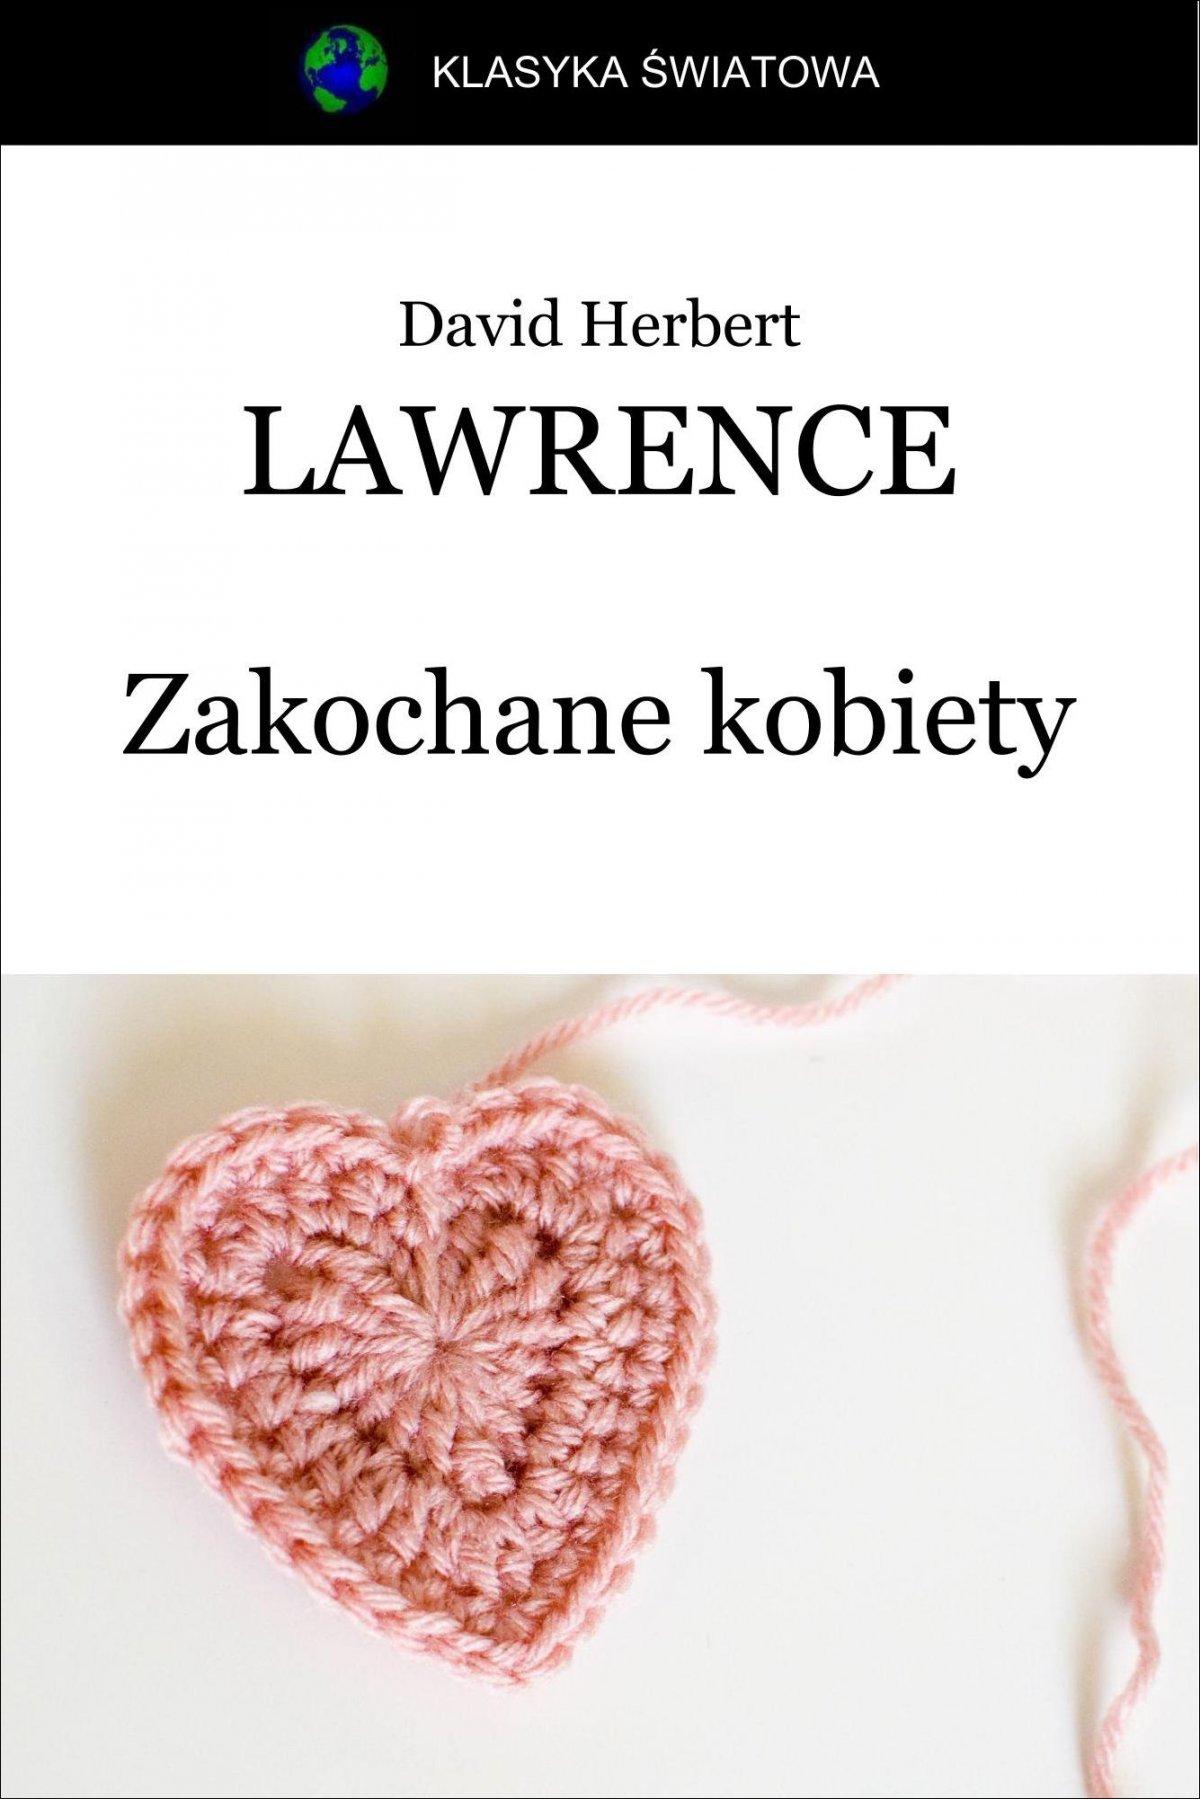 Zakochane kobiety - Ebook (Książka na Kindle) do pobrania w formacie MOBI